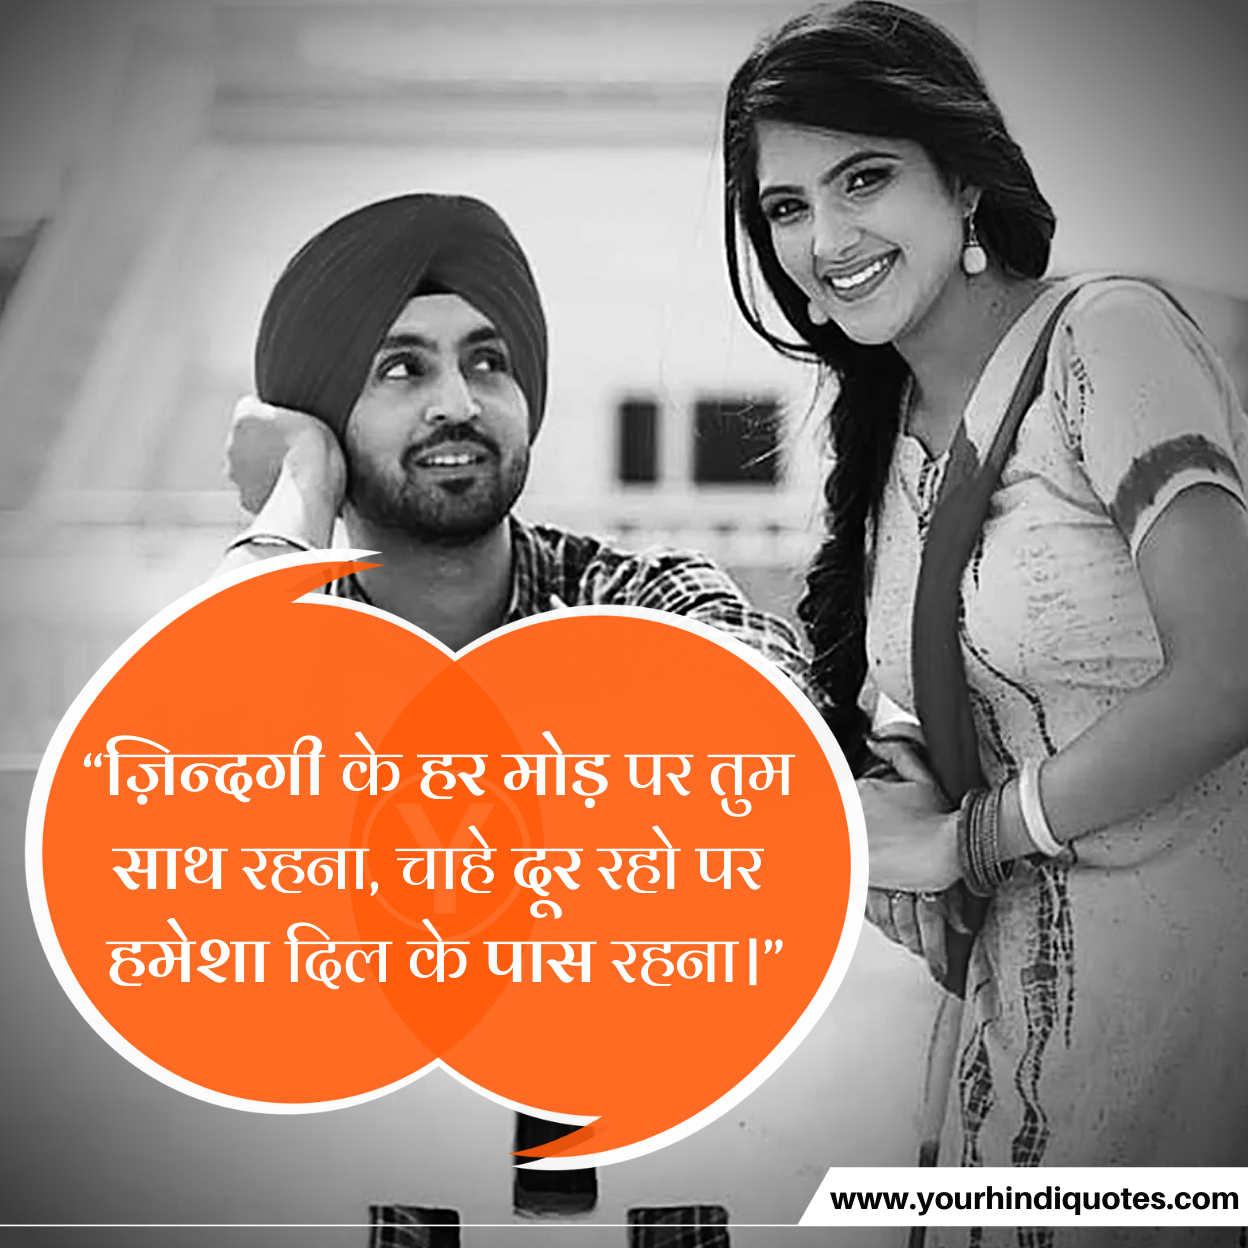 Love Hindi WhatsApp Status Images